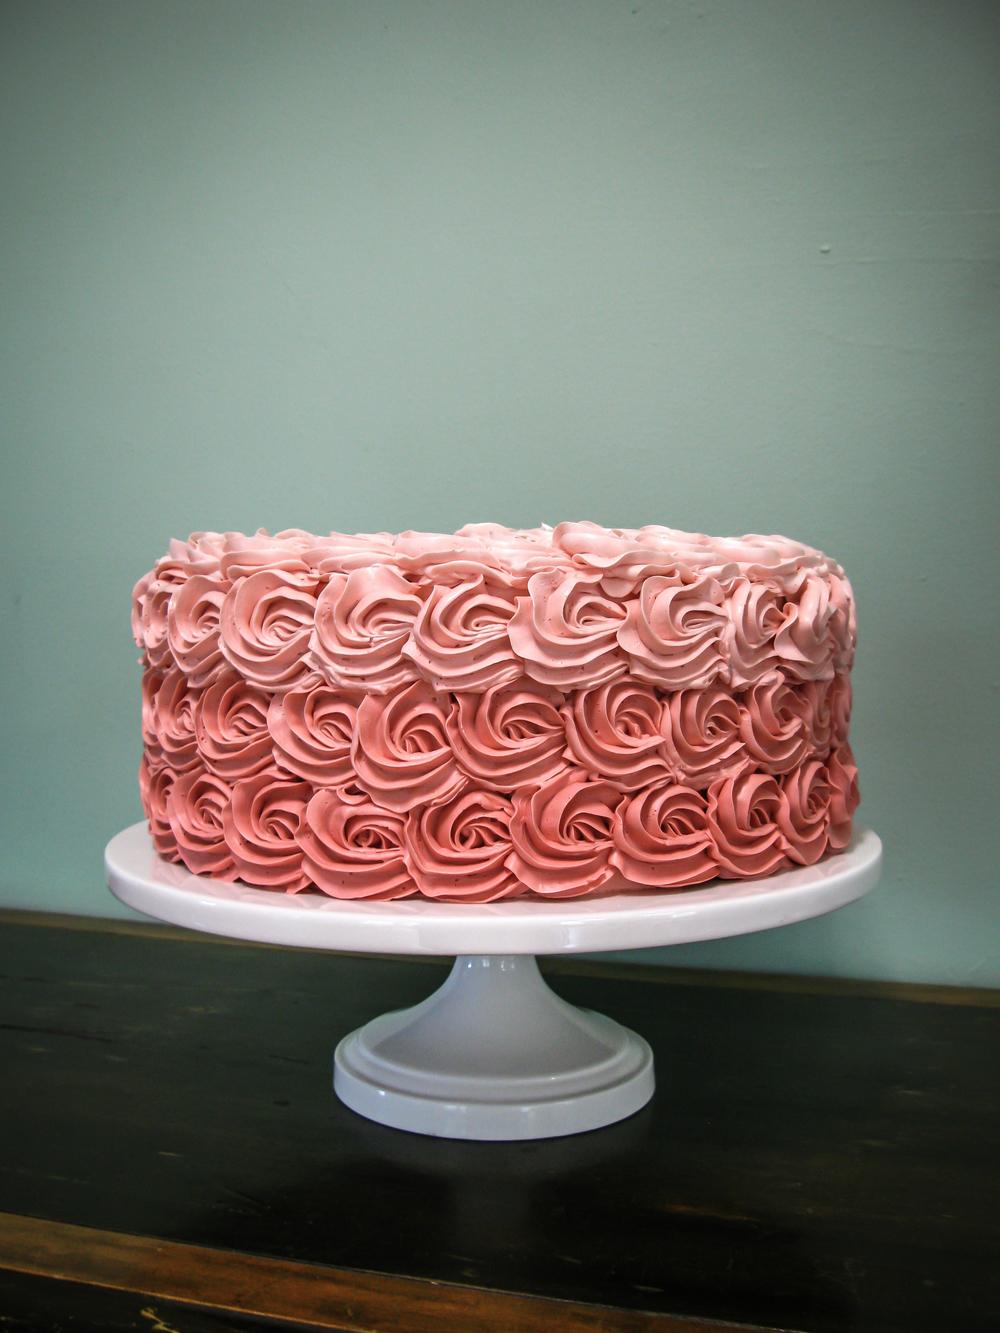 Ombré rosette cake